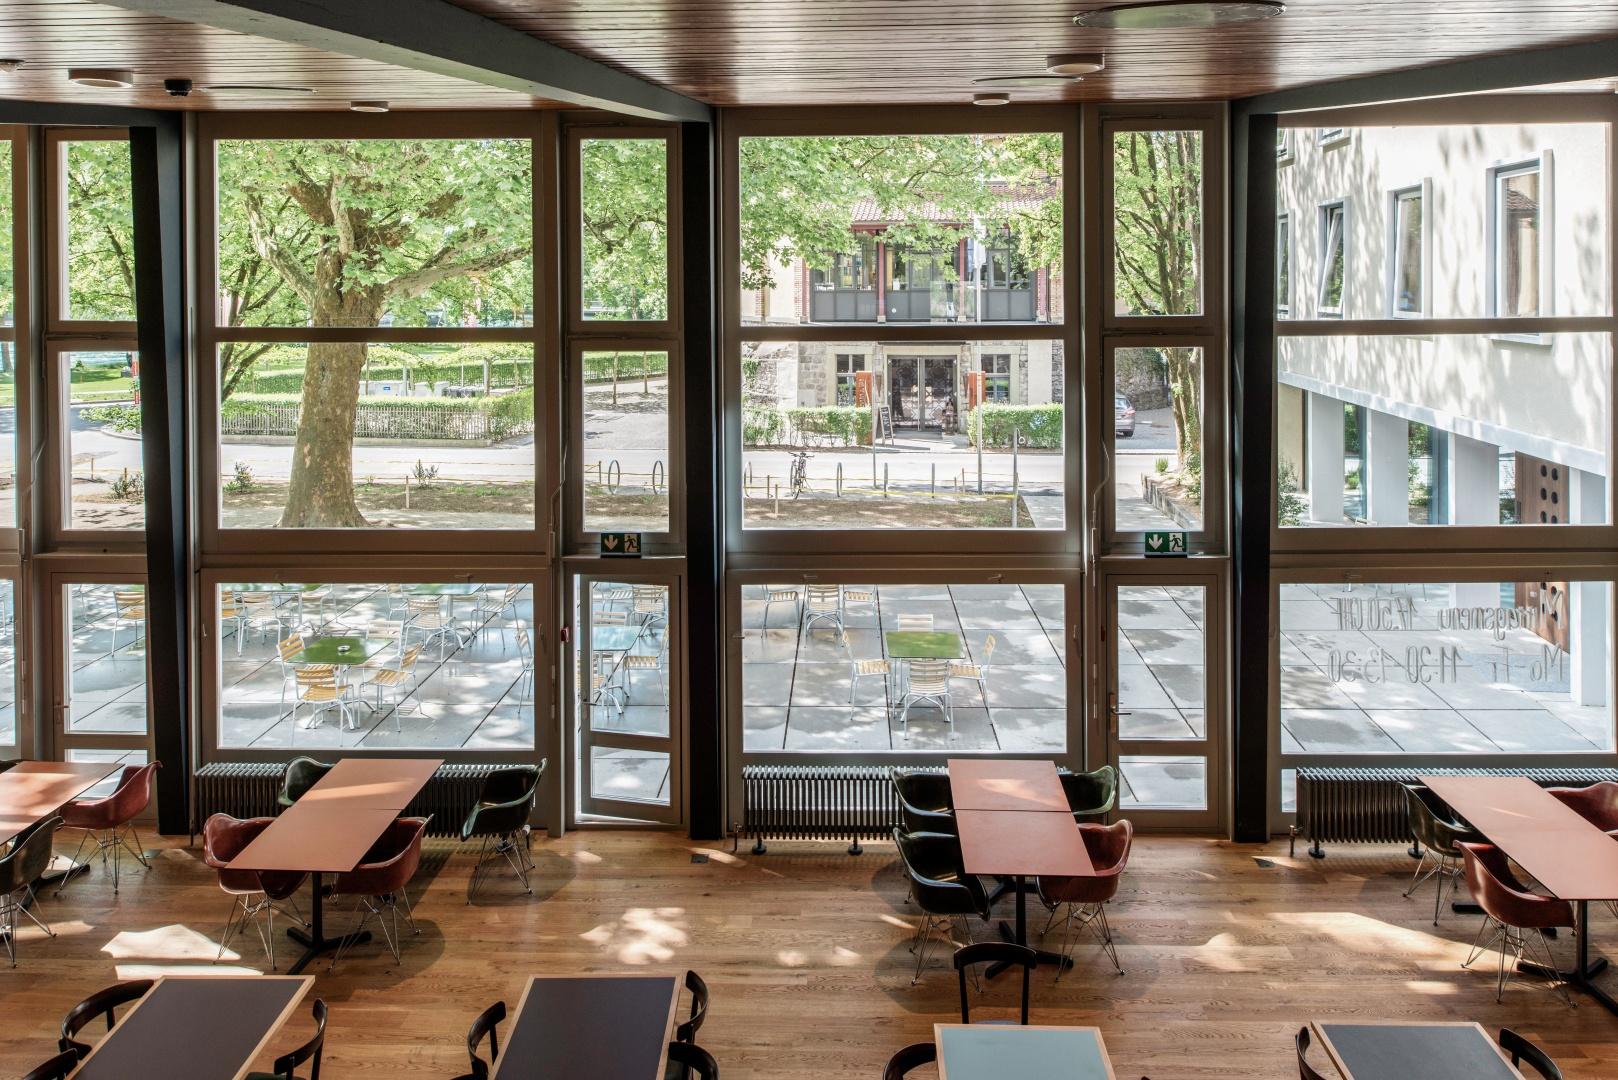 Vue depuis la galerie sur la salle à manger spacieuse (avec des meubles de Horgen Glarus et Vitra) qui, avec sa façade vitrée, offre une vue sur l'espace extérieur de la terrasse et le majestueux platane. © Adrian Scheidegger